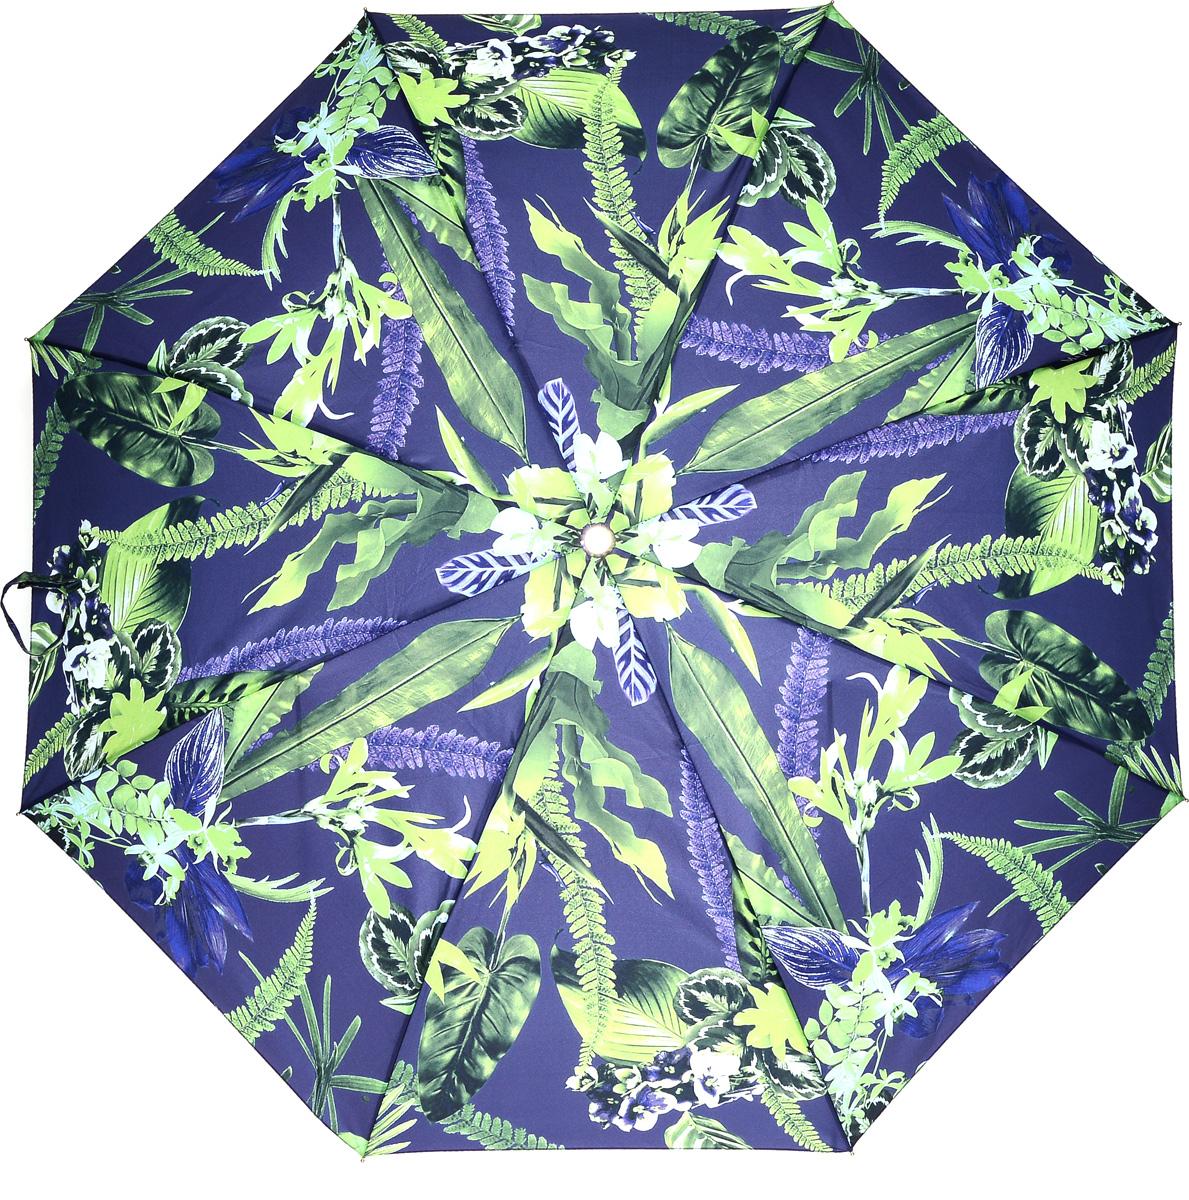 M&P 5863-3 Зонт полный автом. 3 сл. жен.REM12-CAM-REDBLACKЗонт испанского производителя Clima. В производстве зонтов используются современные материалы, что делает зонты легкими, но в то же время крепкими. Полный автомат, 3 сложения, 8 спиц, полиэстер.